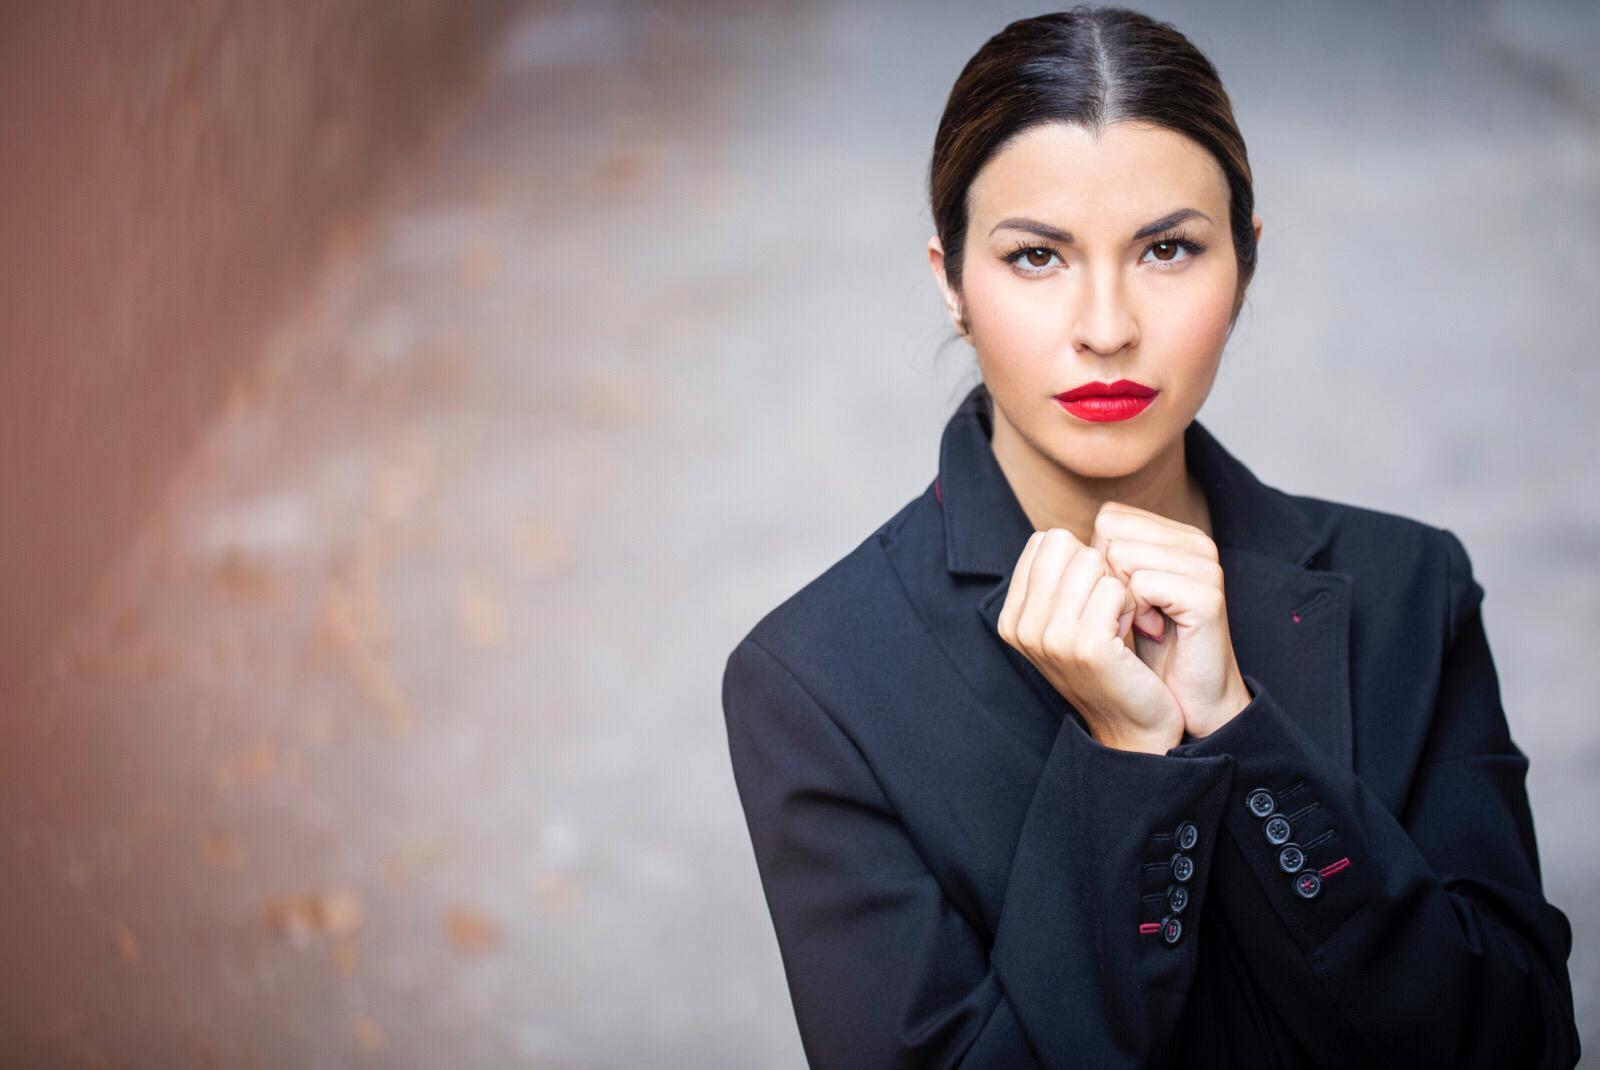 Claudia Conte presentatrice e madrina d'onore della cerimonia di chiusura del Ferrara Film Festival 2021